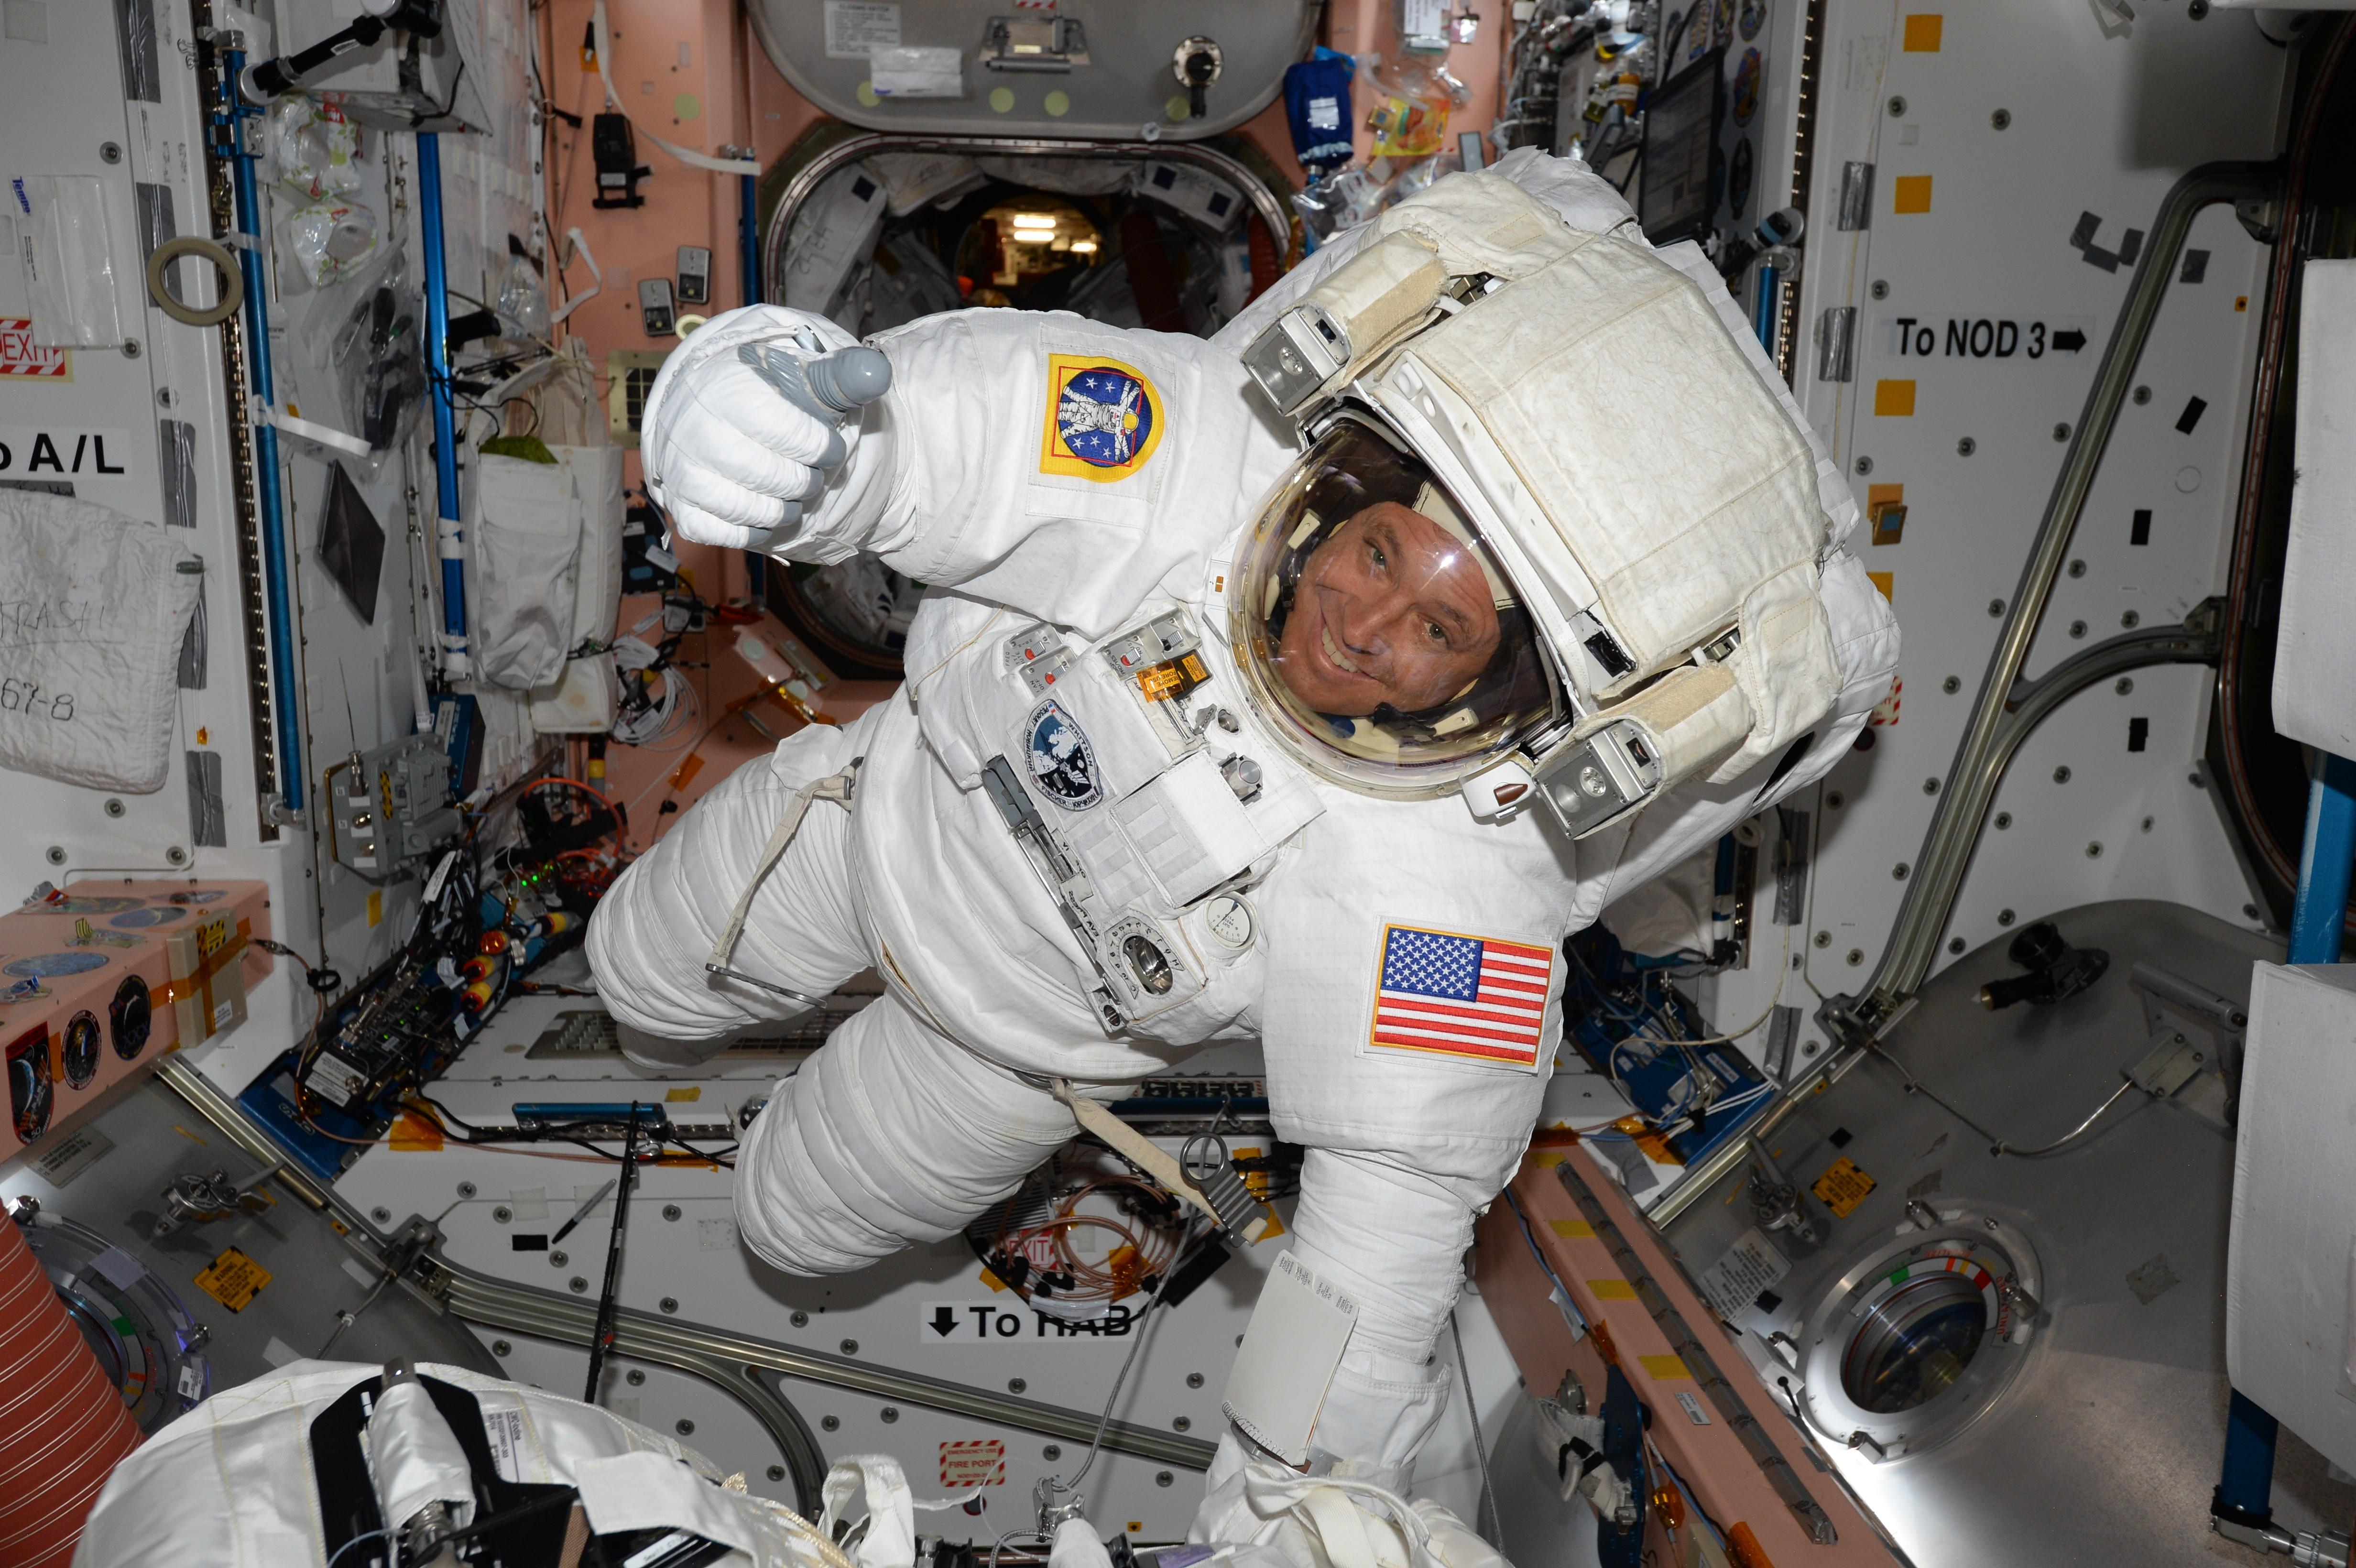 NASA Astronaut Jack Fischer Prepares for Friday Spacewalk ...